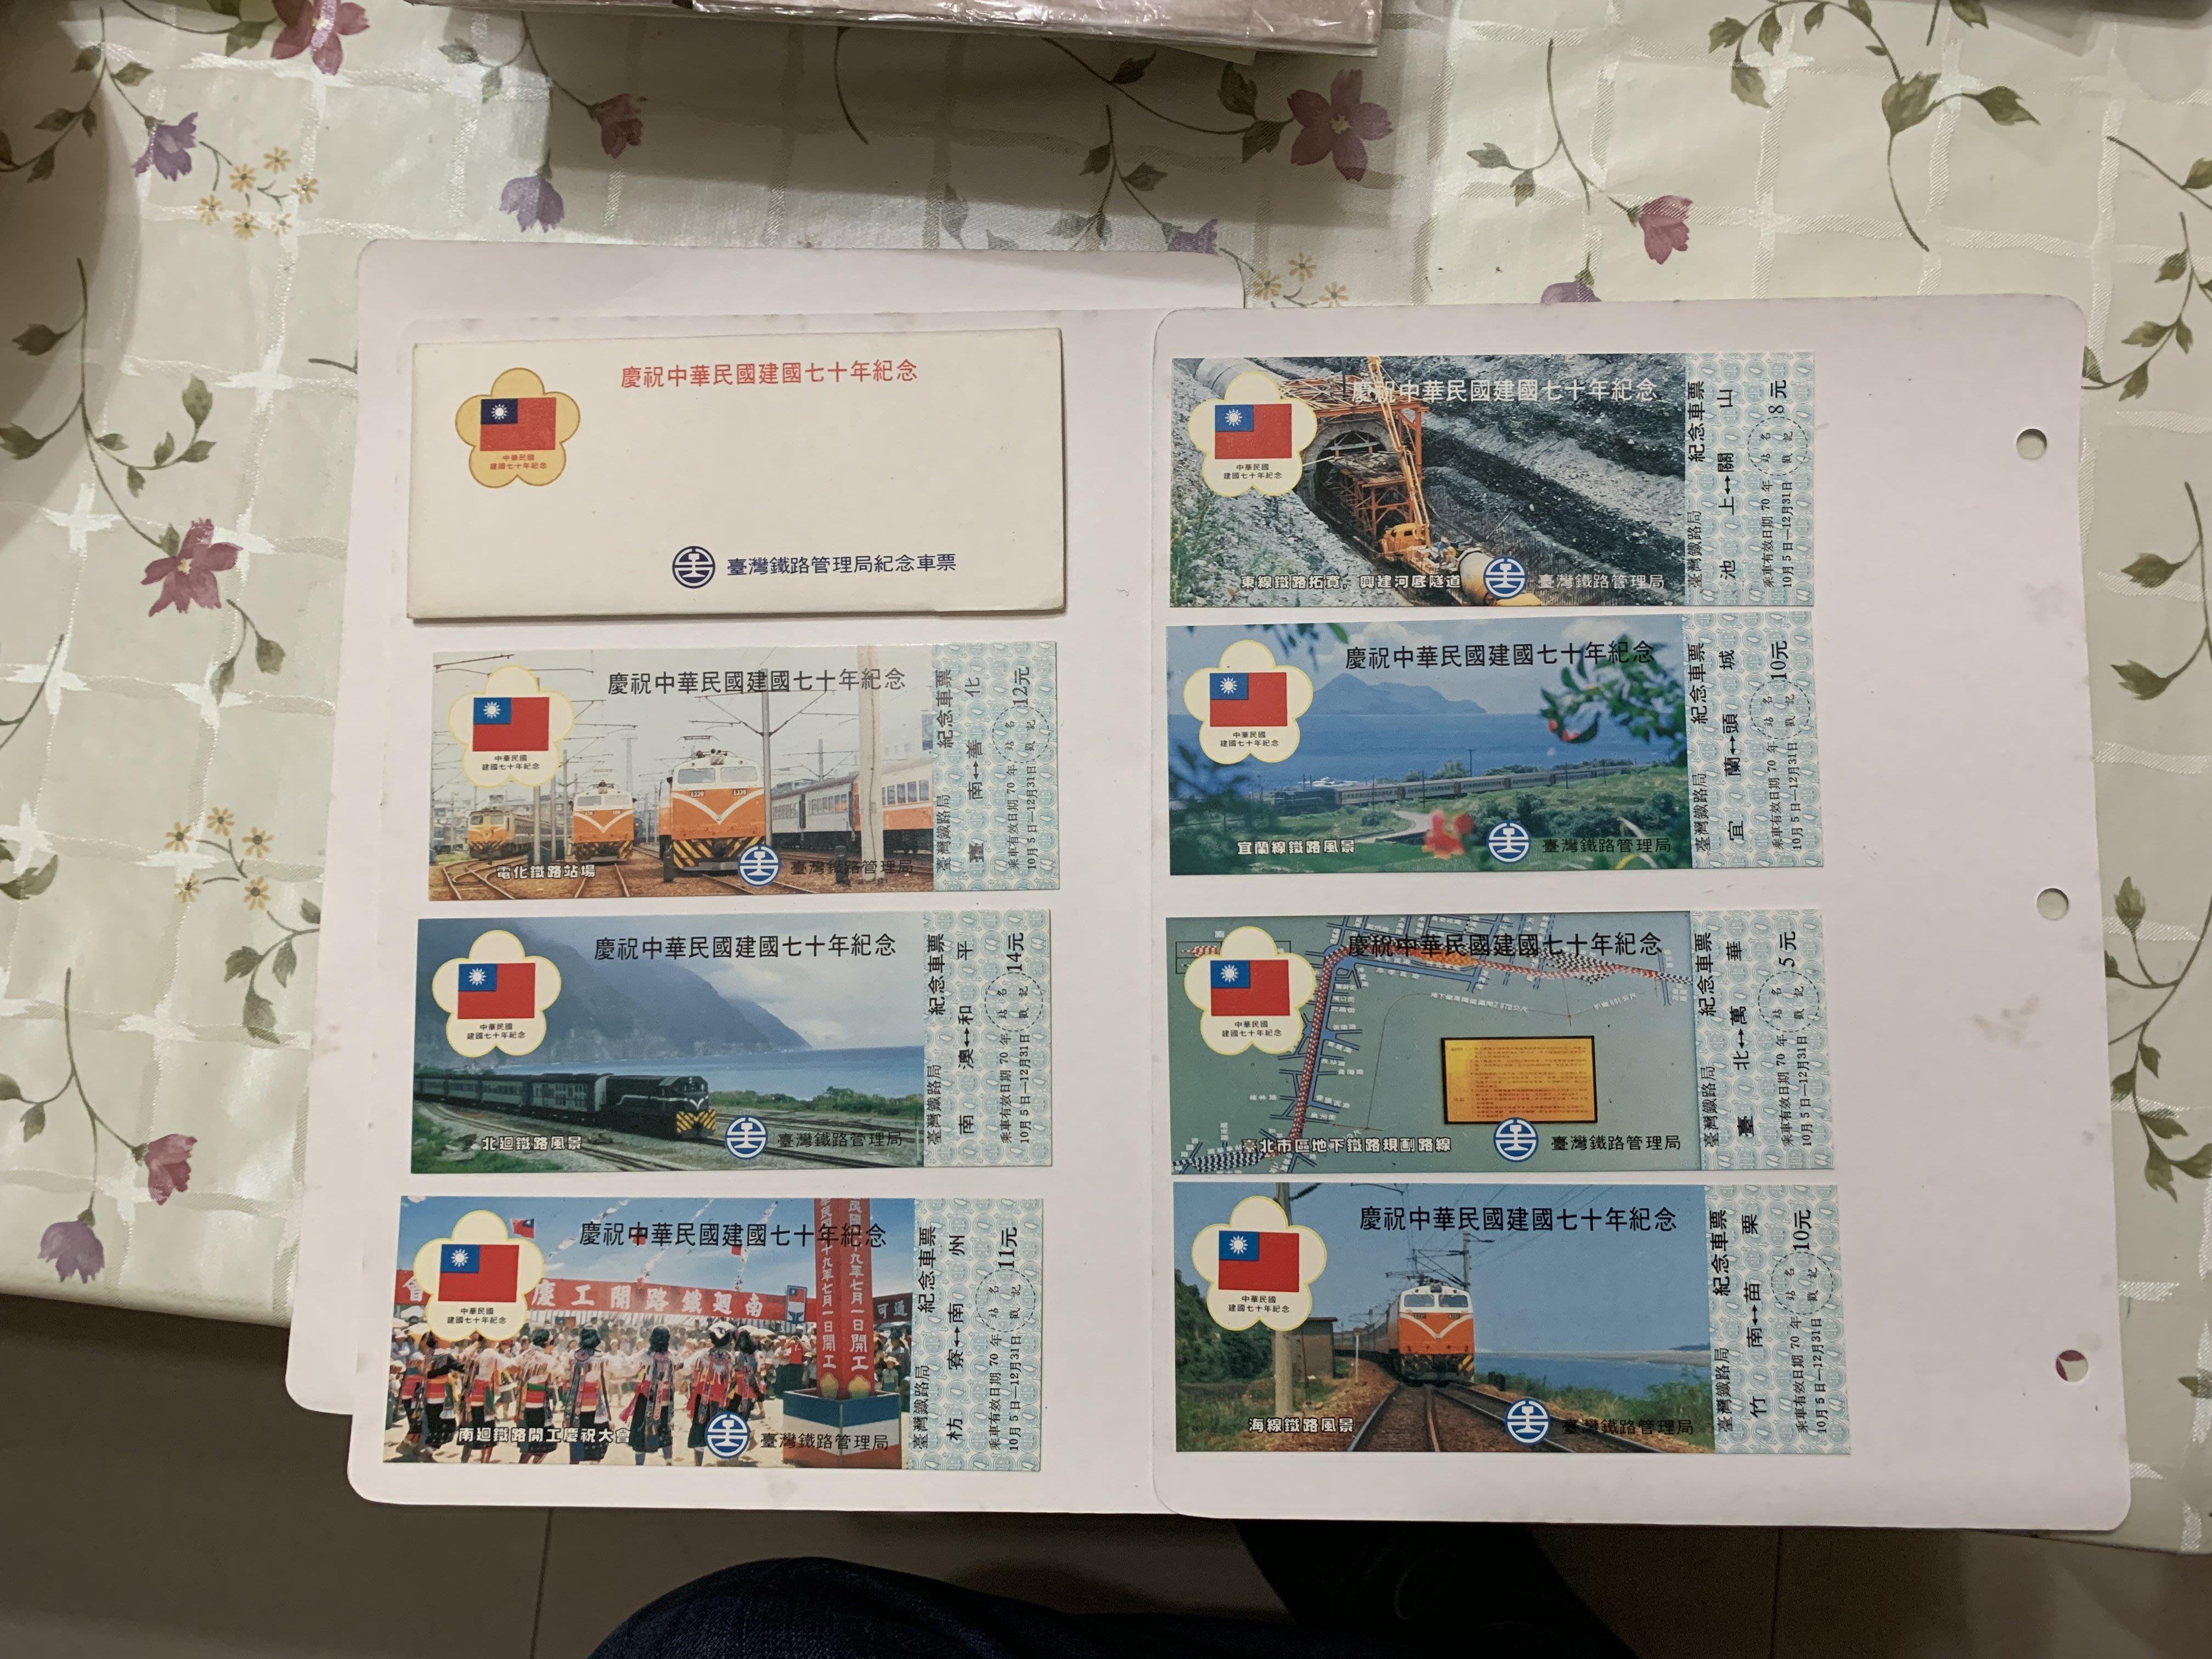 慶祝中華民國建國七十年紀念套票 火車票